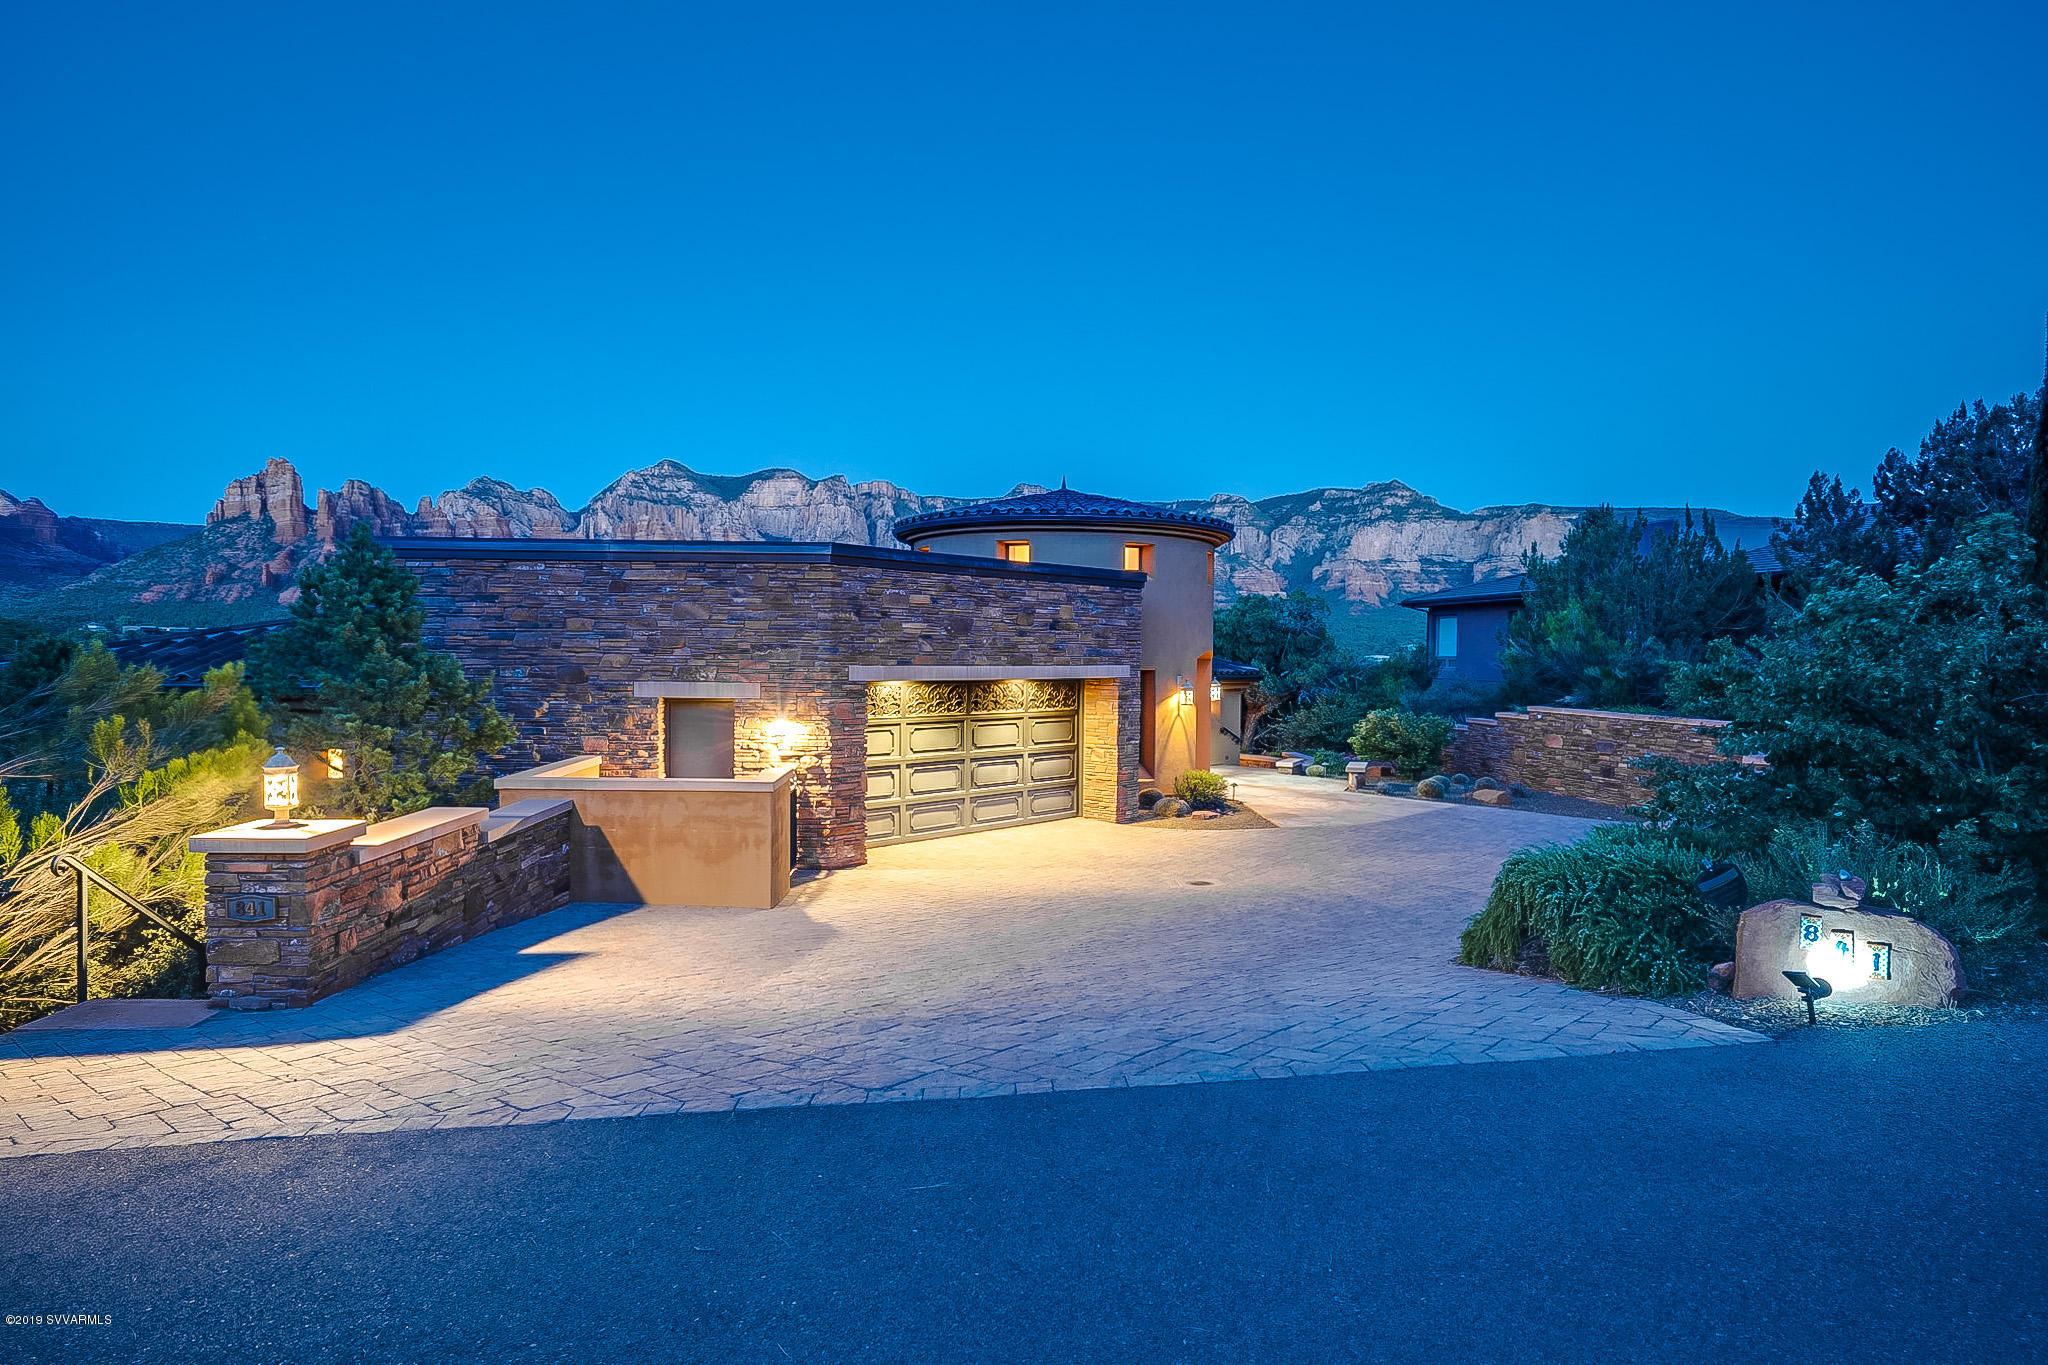 841 N Palisades Drive, Sedona, Arizona